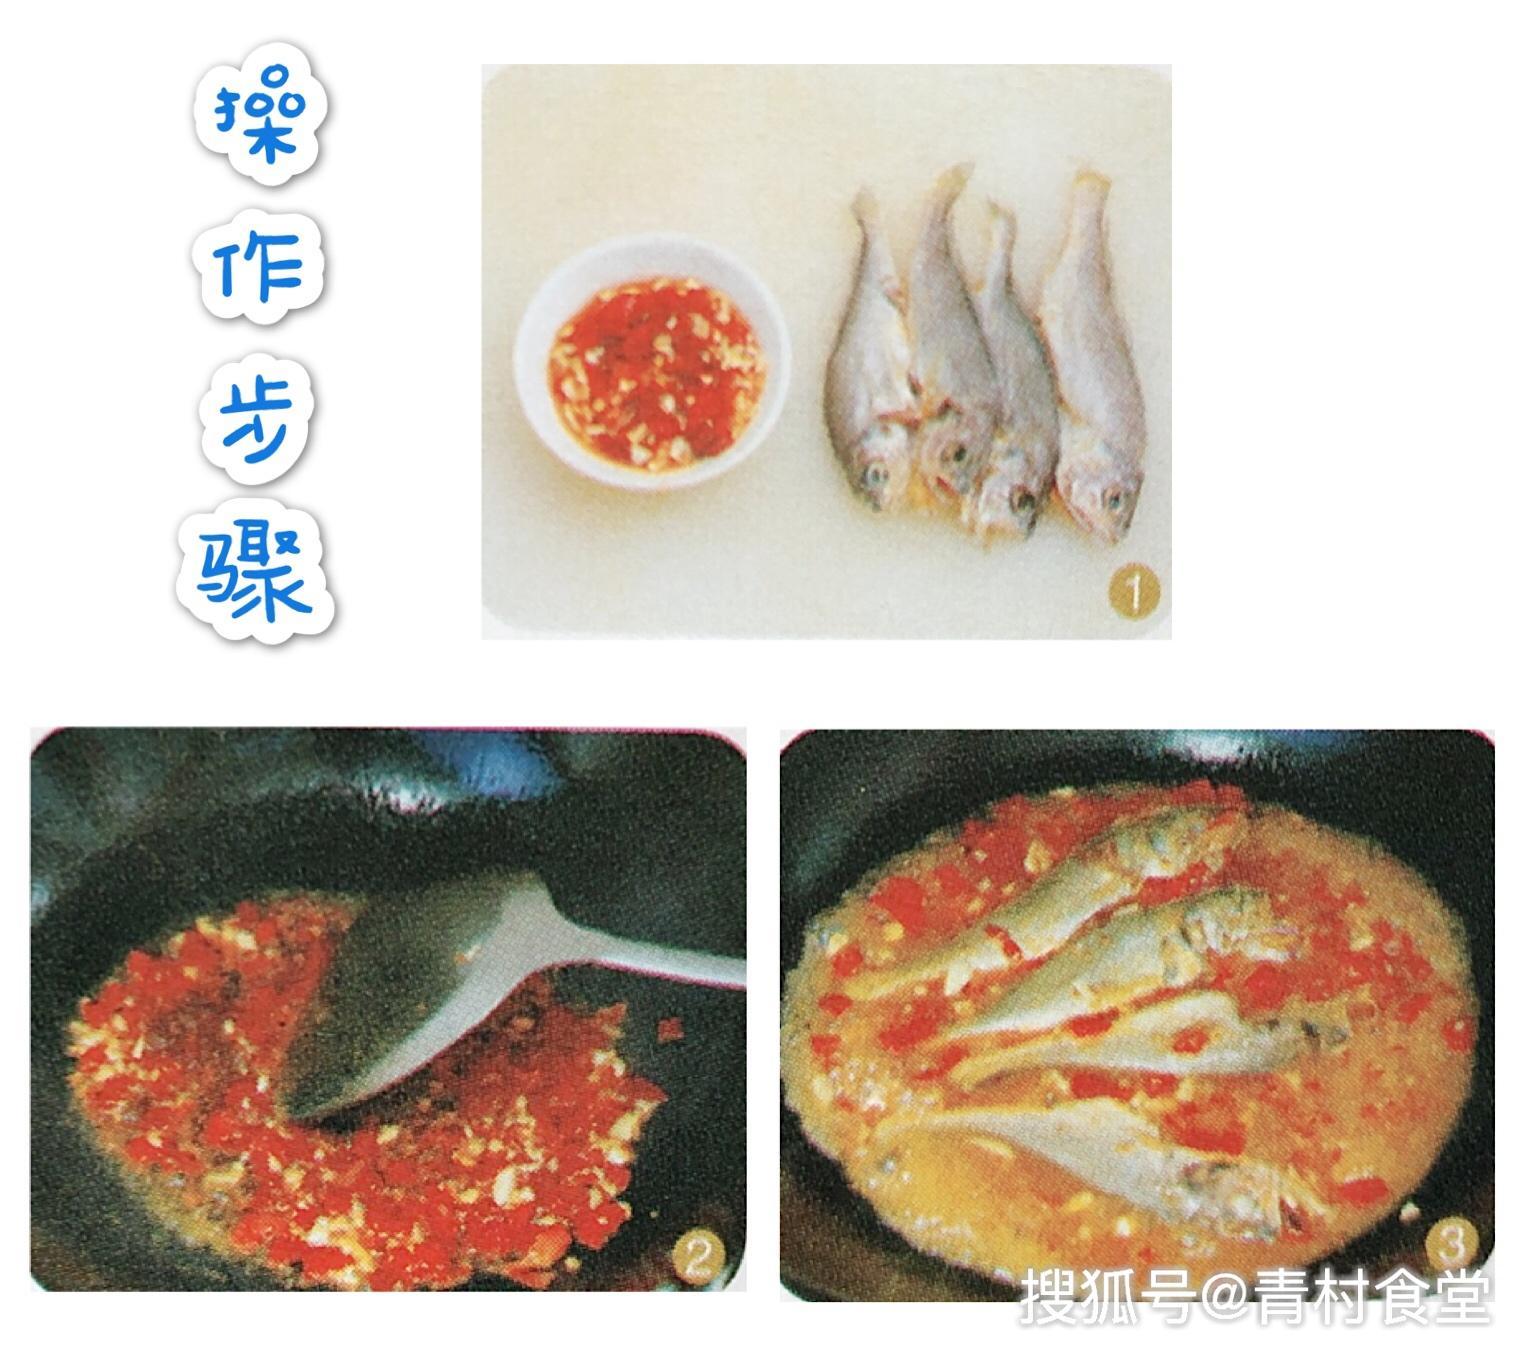 滑炒,烹饪技巧之一,烹饪大师手把手教你做最接地气的美味!